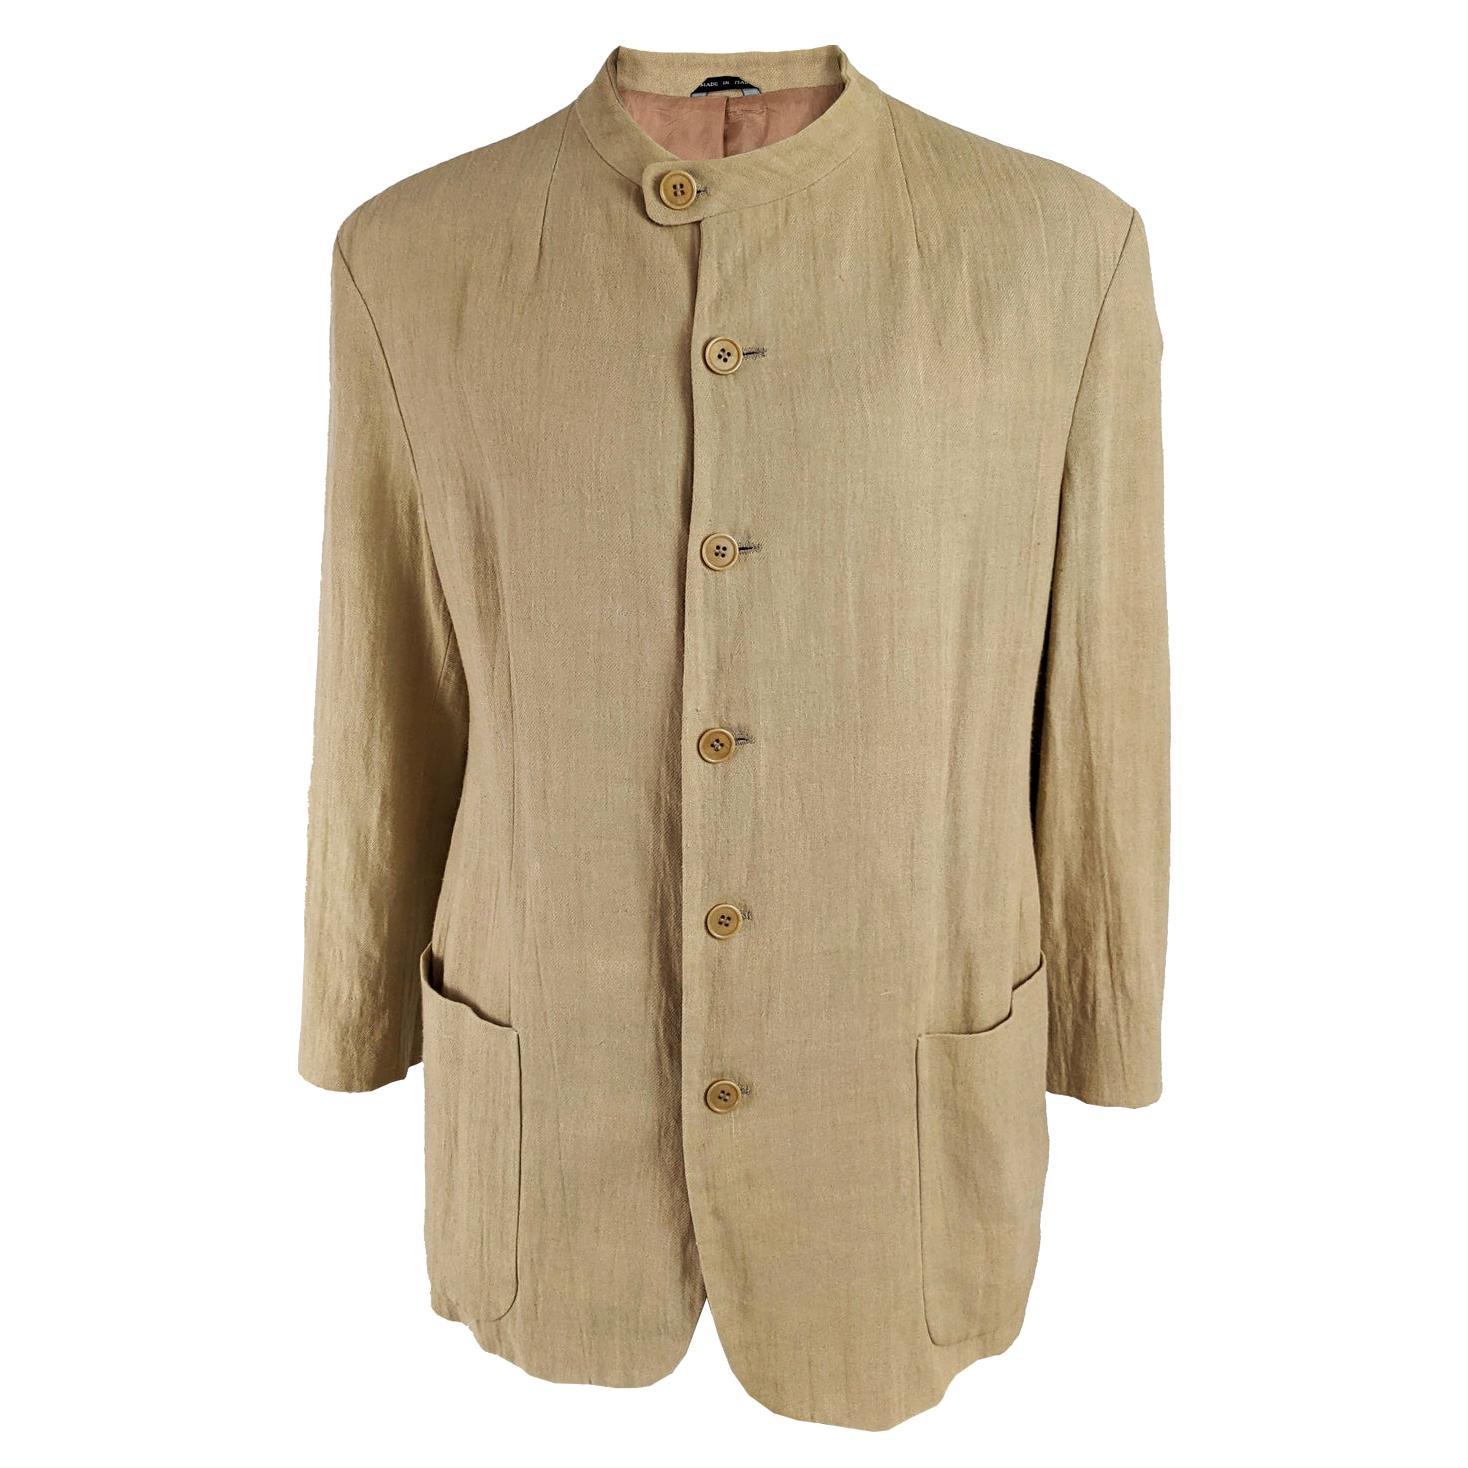 Armani Vintage Mens Collarless Minimalist Blazer Jacket, 1990s